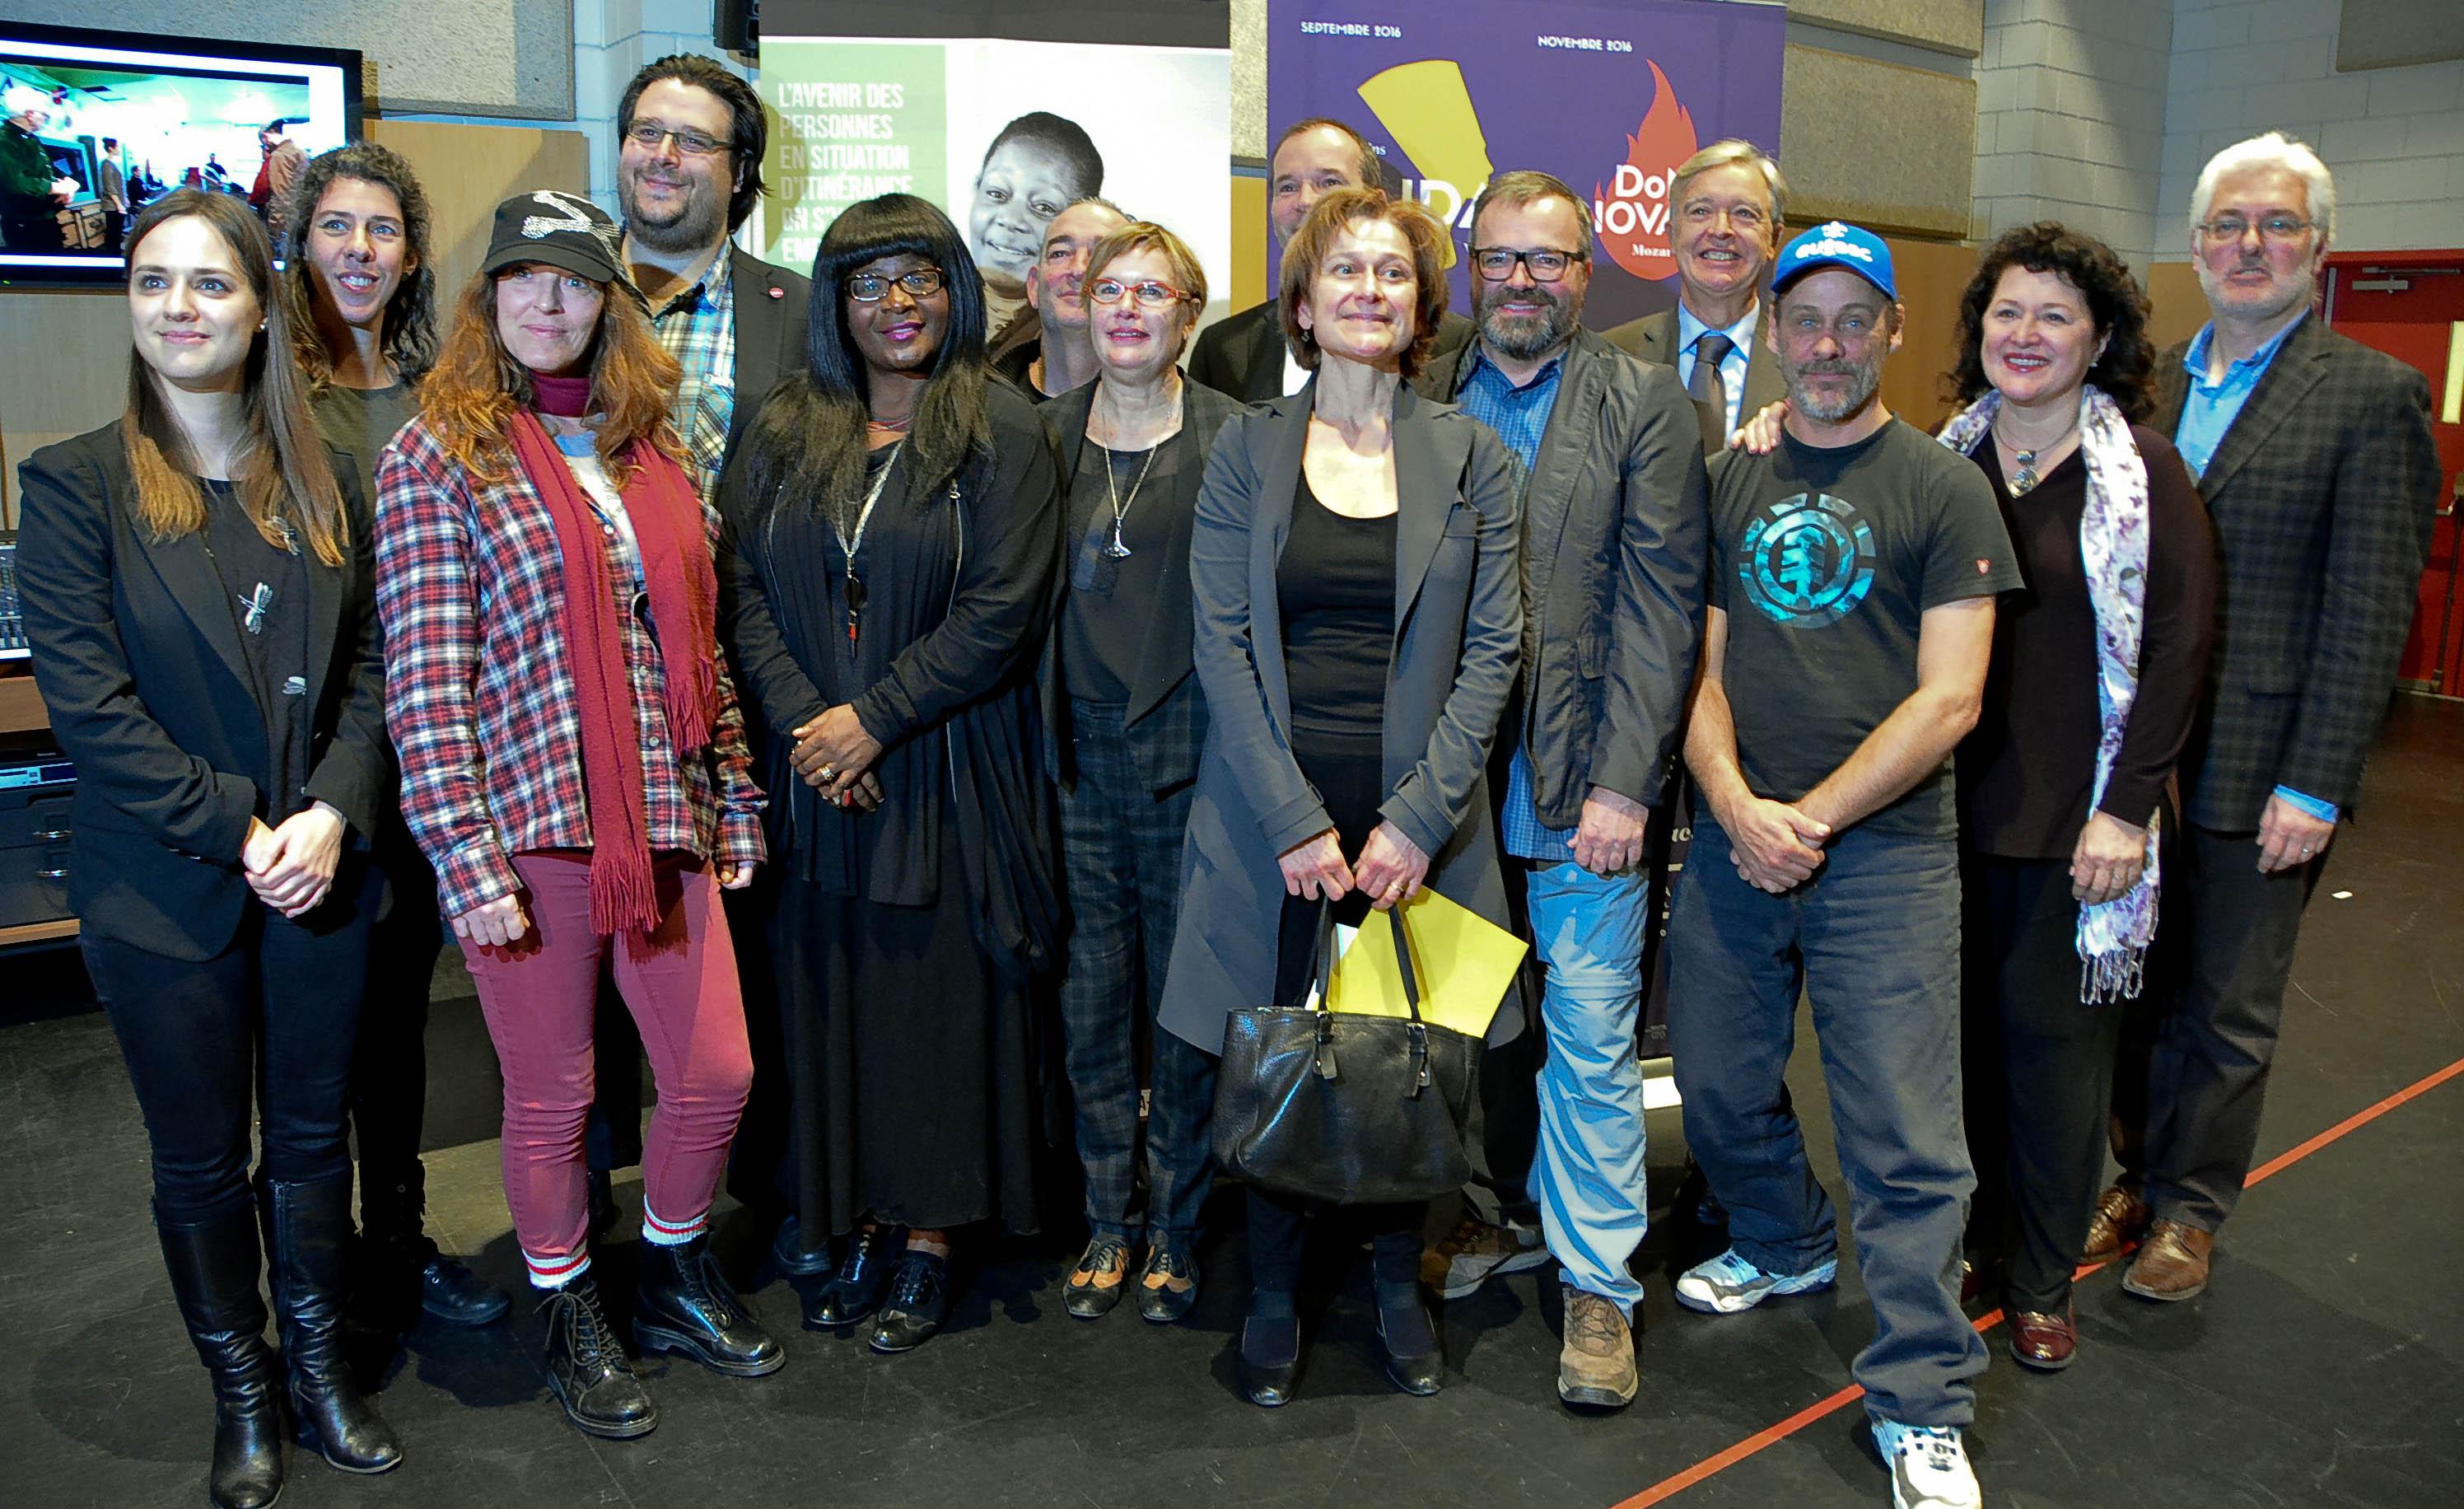 La réinsertion sociale par l'opéra de rue